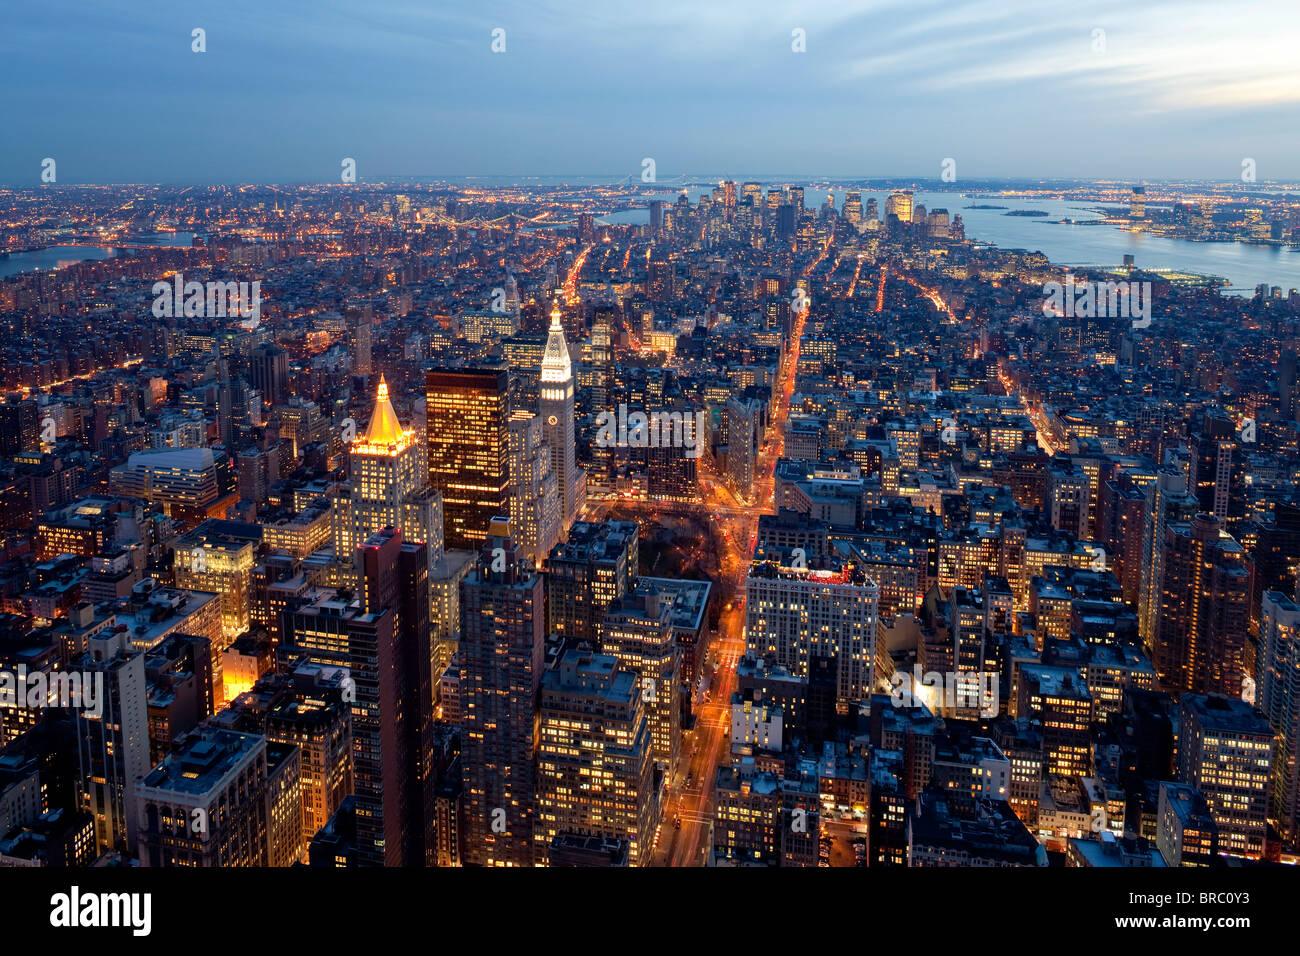 Vista in elevazione del centro di Manhattan al crepuscolo, la città di New York, New York, Stati Uniti d'America Immagini Stock